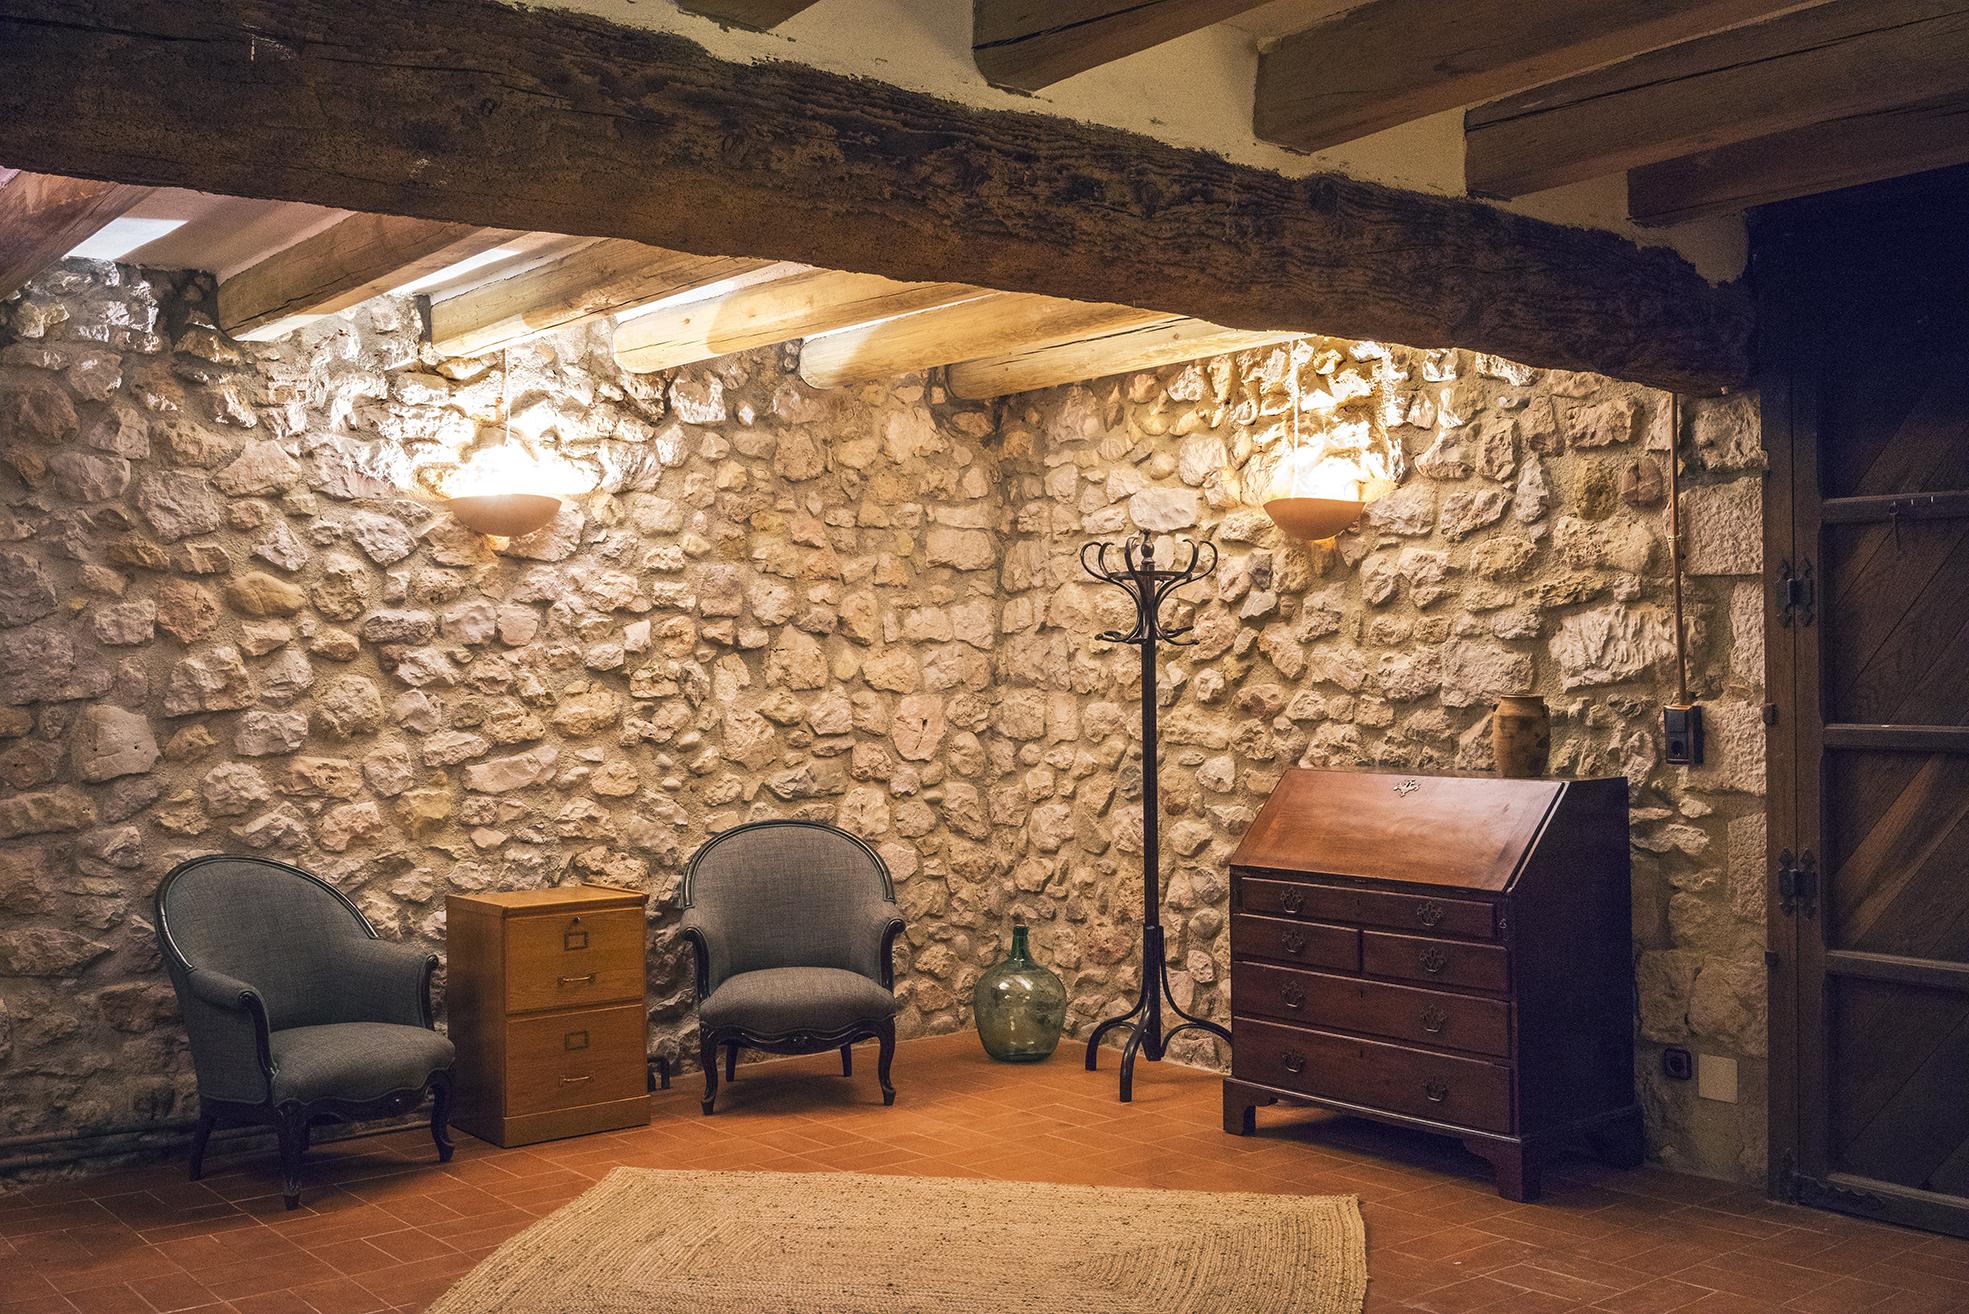 El recibidor o sala polivalente